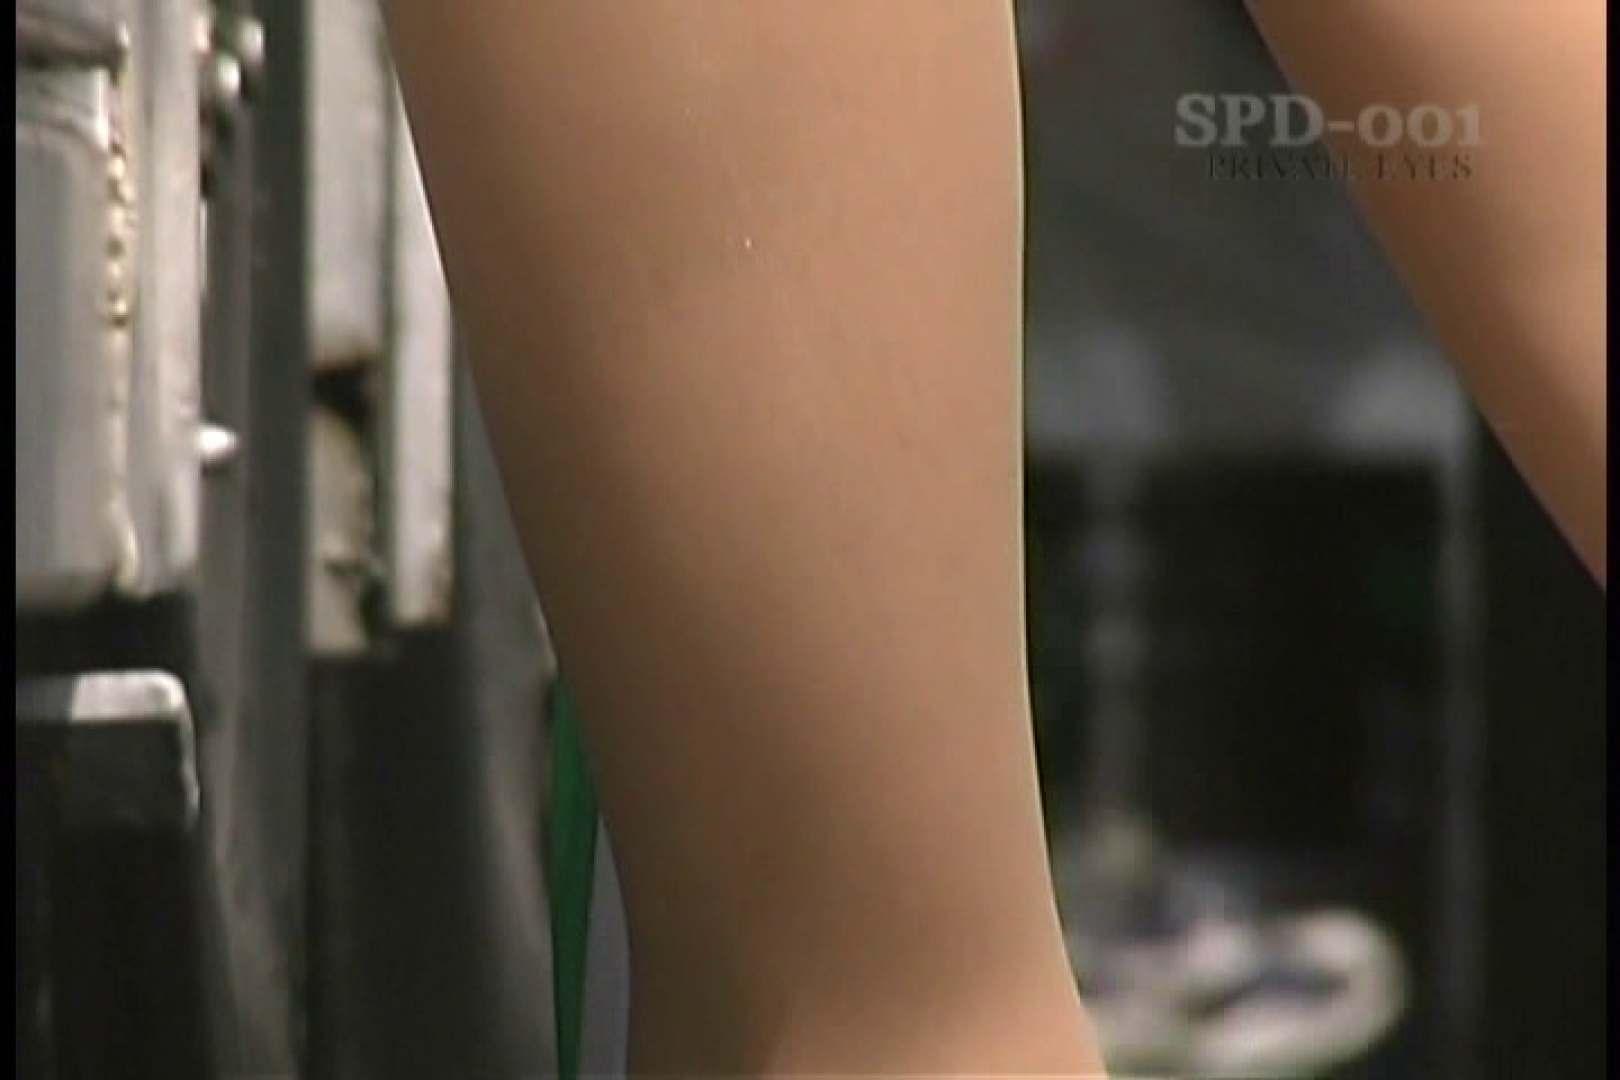 高画質版!SPD-001 サーキットの女神達 Vol.00 高画質 ヌード画像 70連発 30